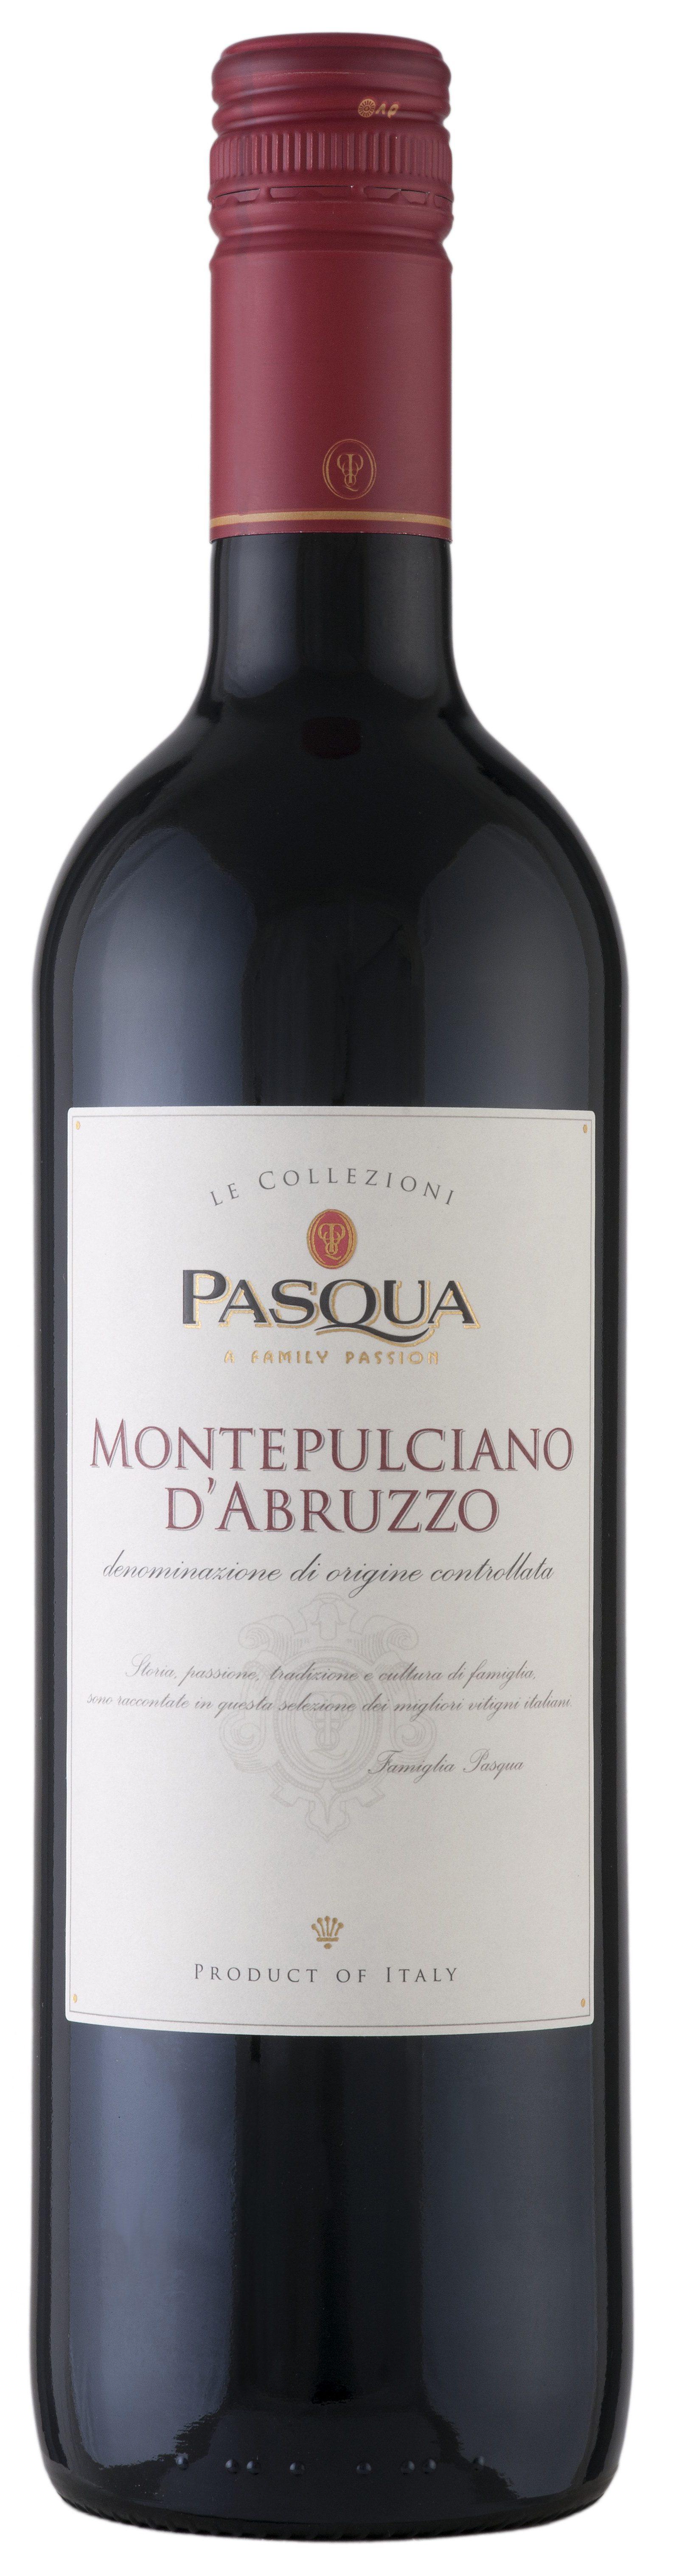 Pasqua Le Collezioni Montepulciano d'Abruzzo